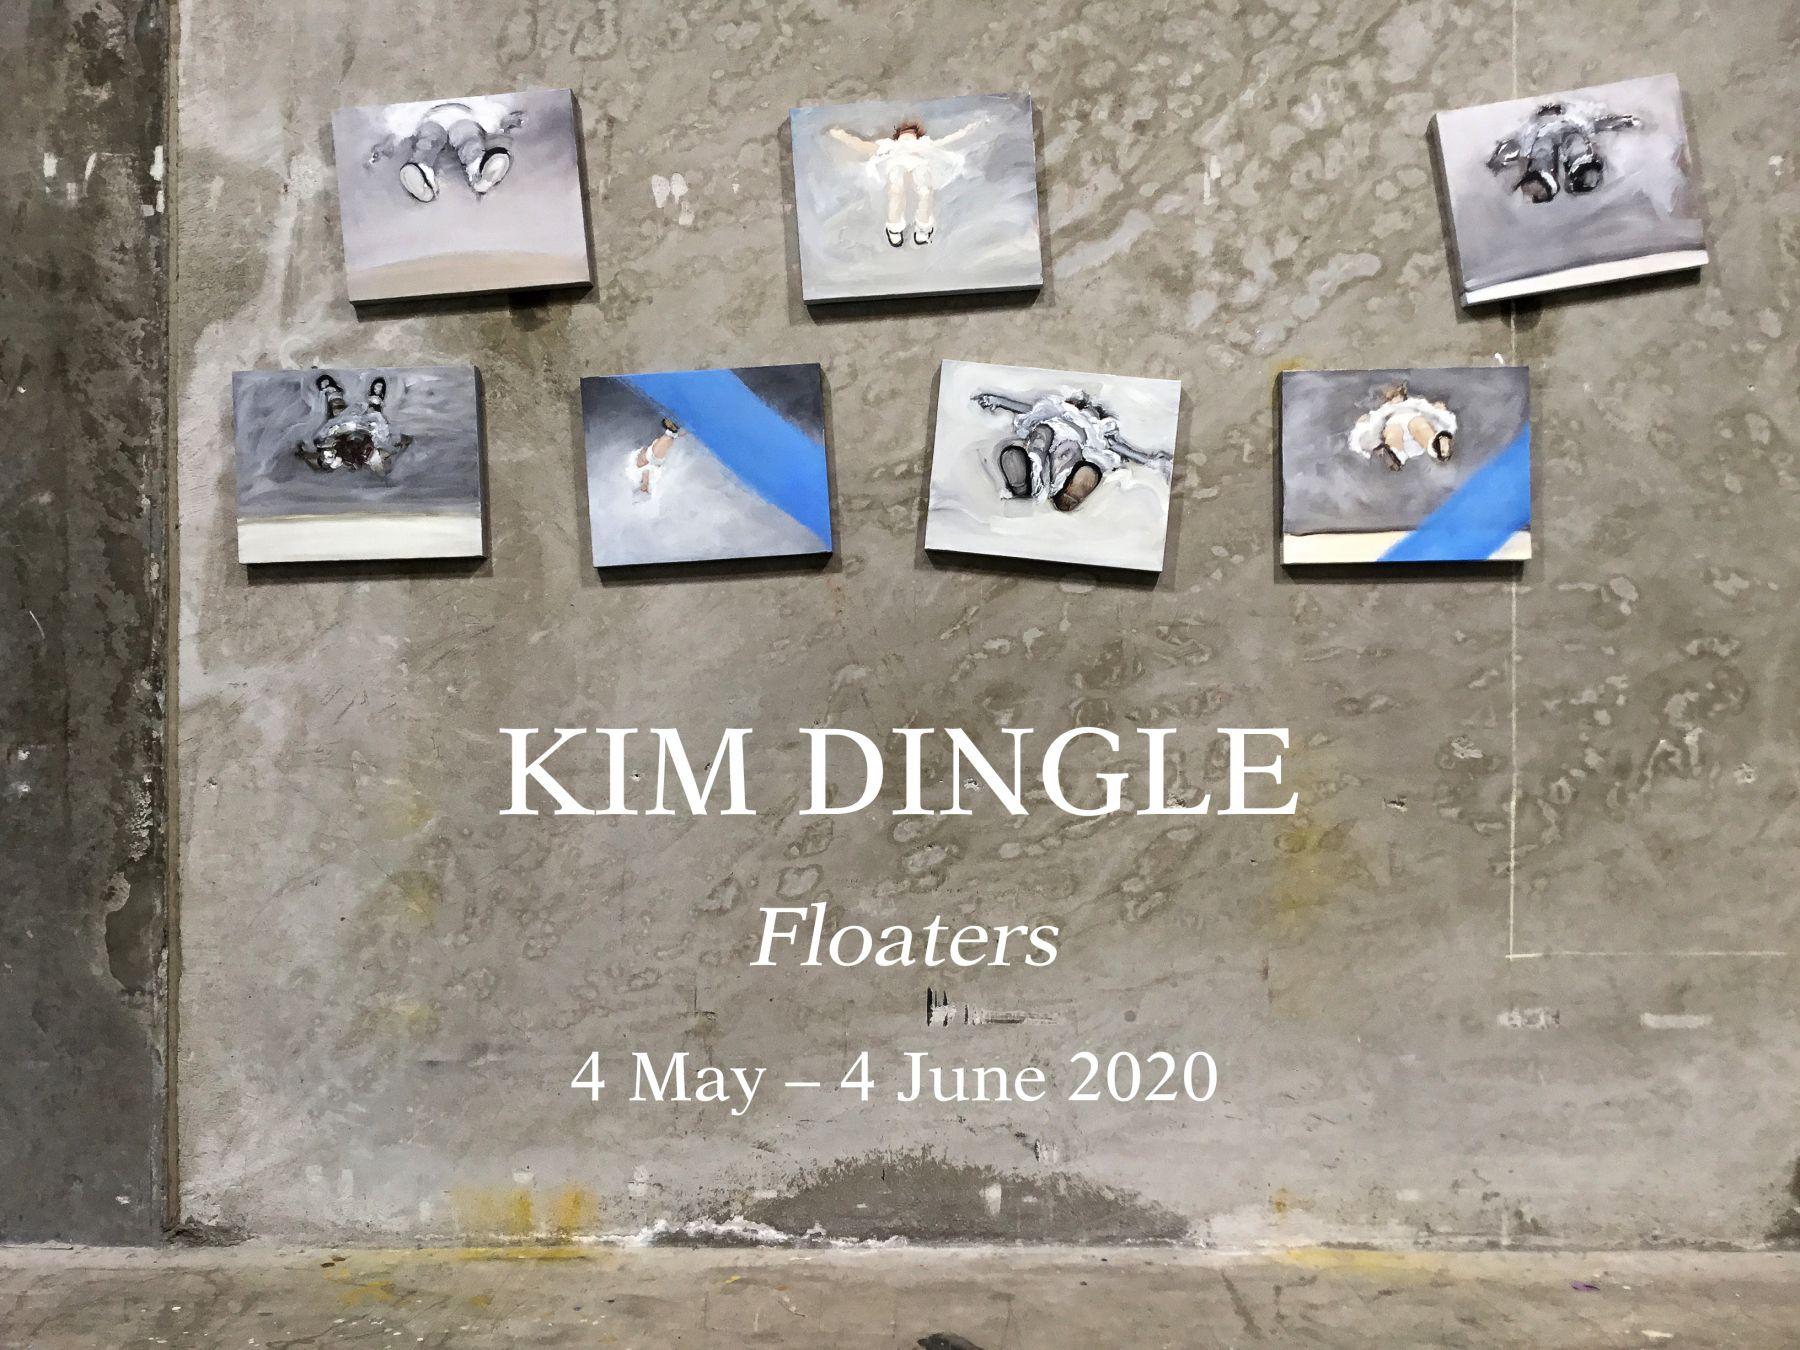 Kim Dingle